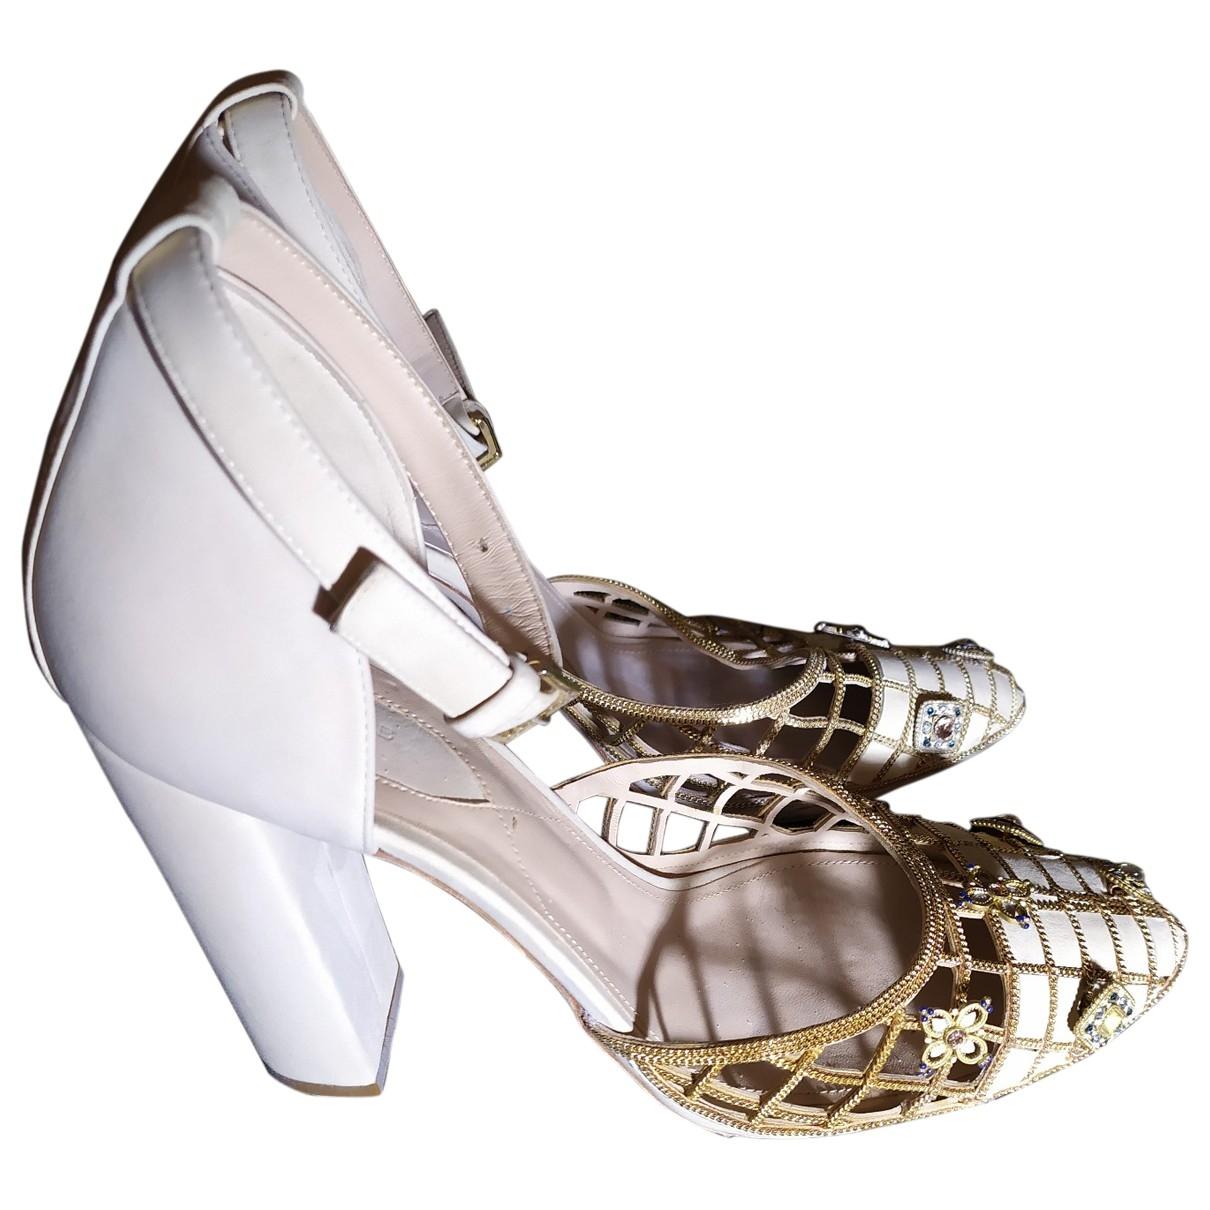 Elie Saab - Sandales   pour femme en cuir - beige